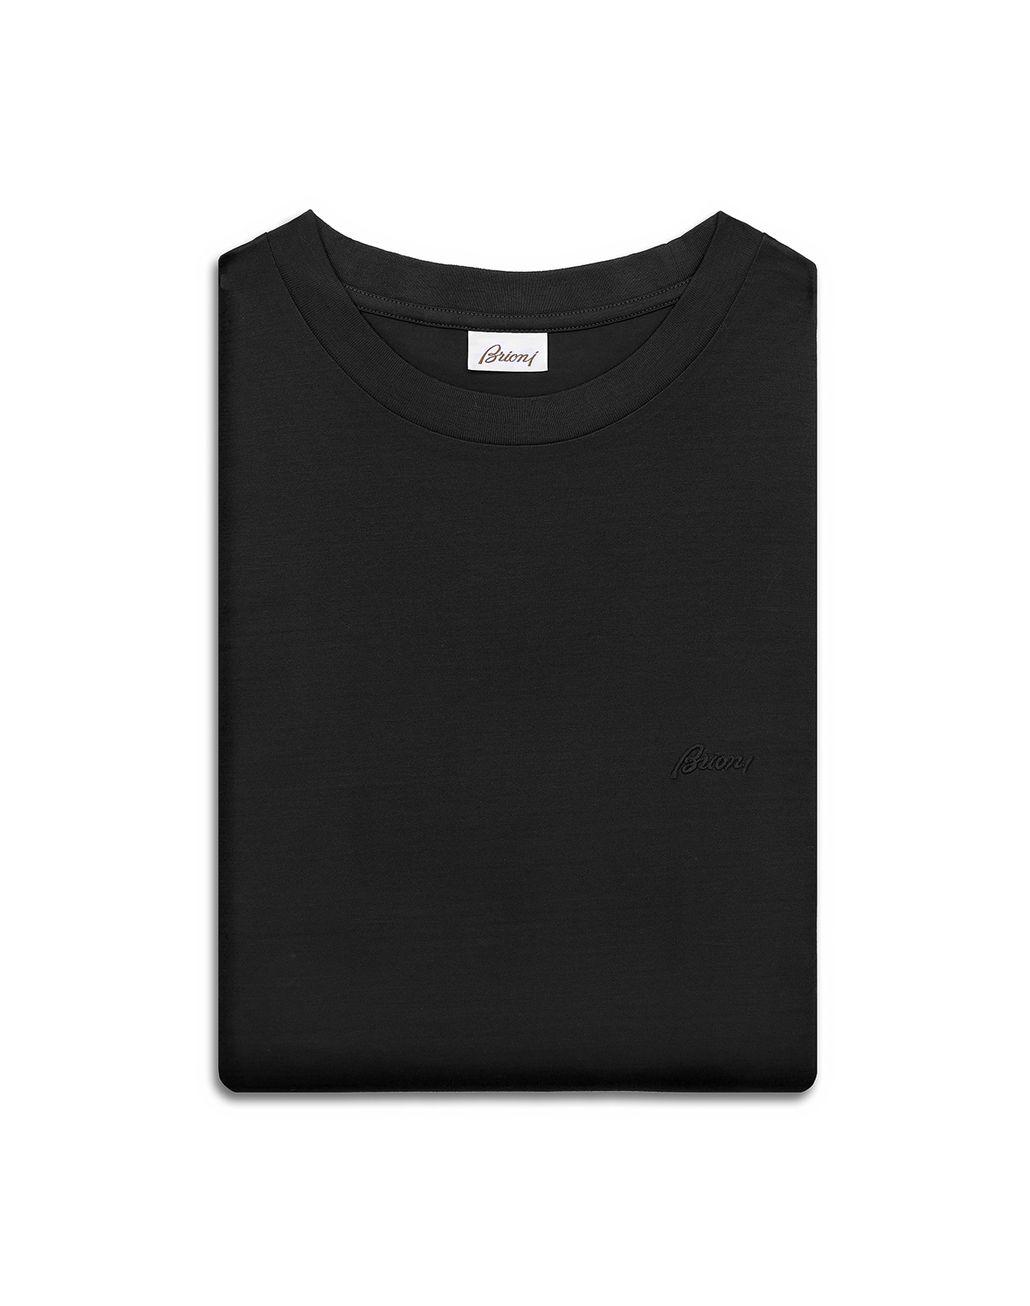 BRIONI Чёрная футболка с логотипом Футболки и поло Для Мужчин e